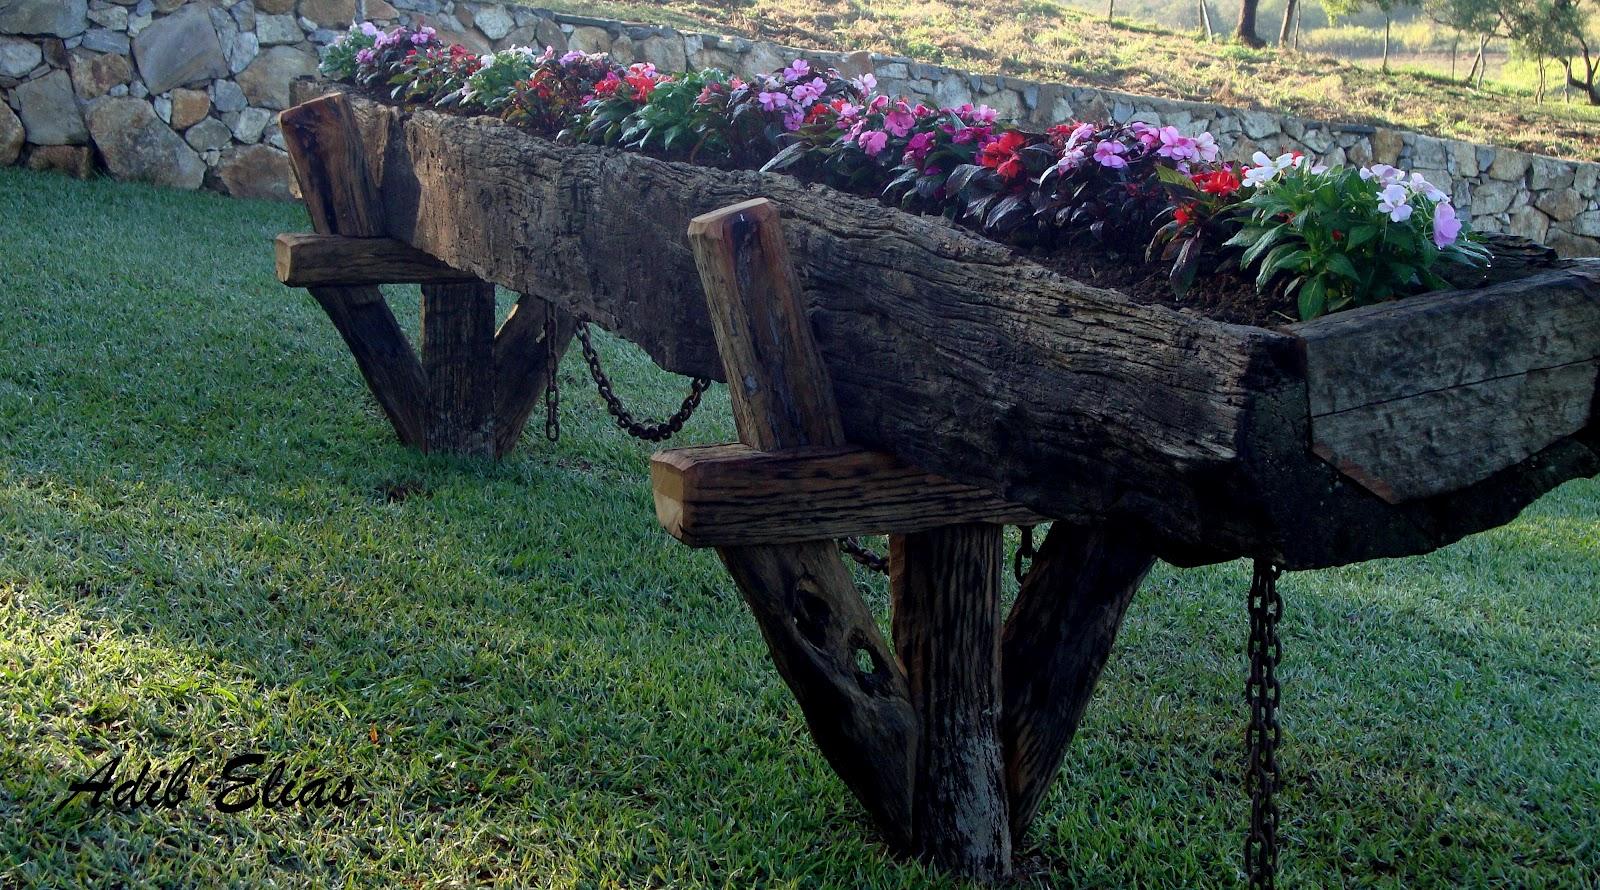 artesanato rustico para jardim:10 dicas para uma decoração rústica  #898242 1600x890